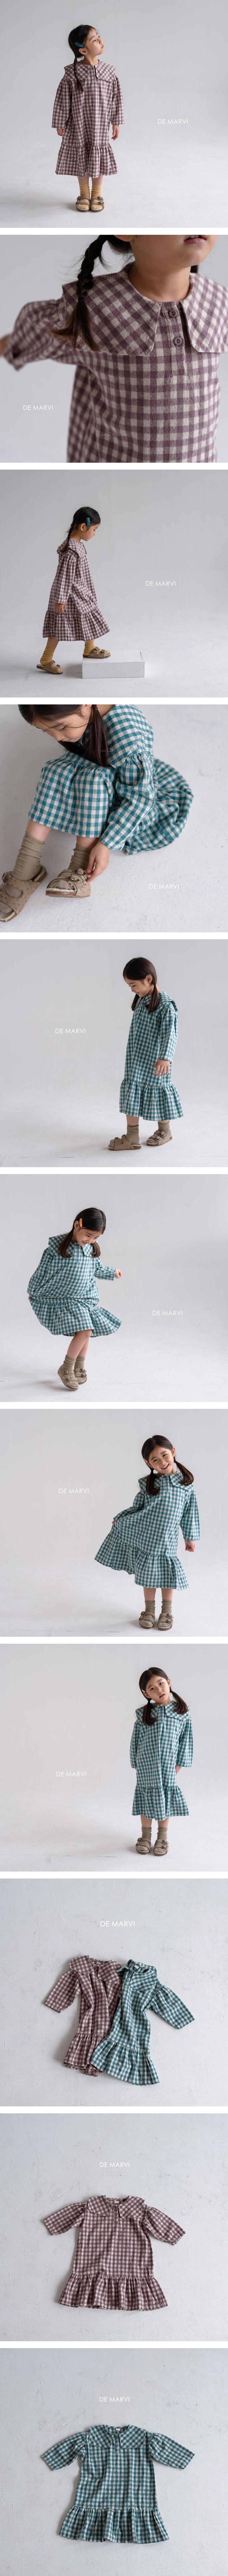 DE MARVI - Korean Children Fashion - #Kfashion4kids - Widdy One-piece